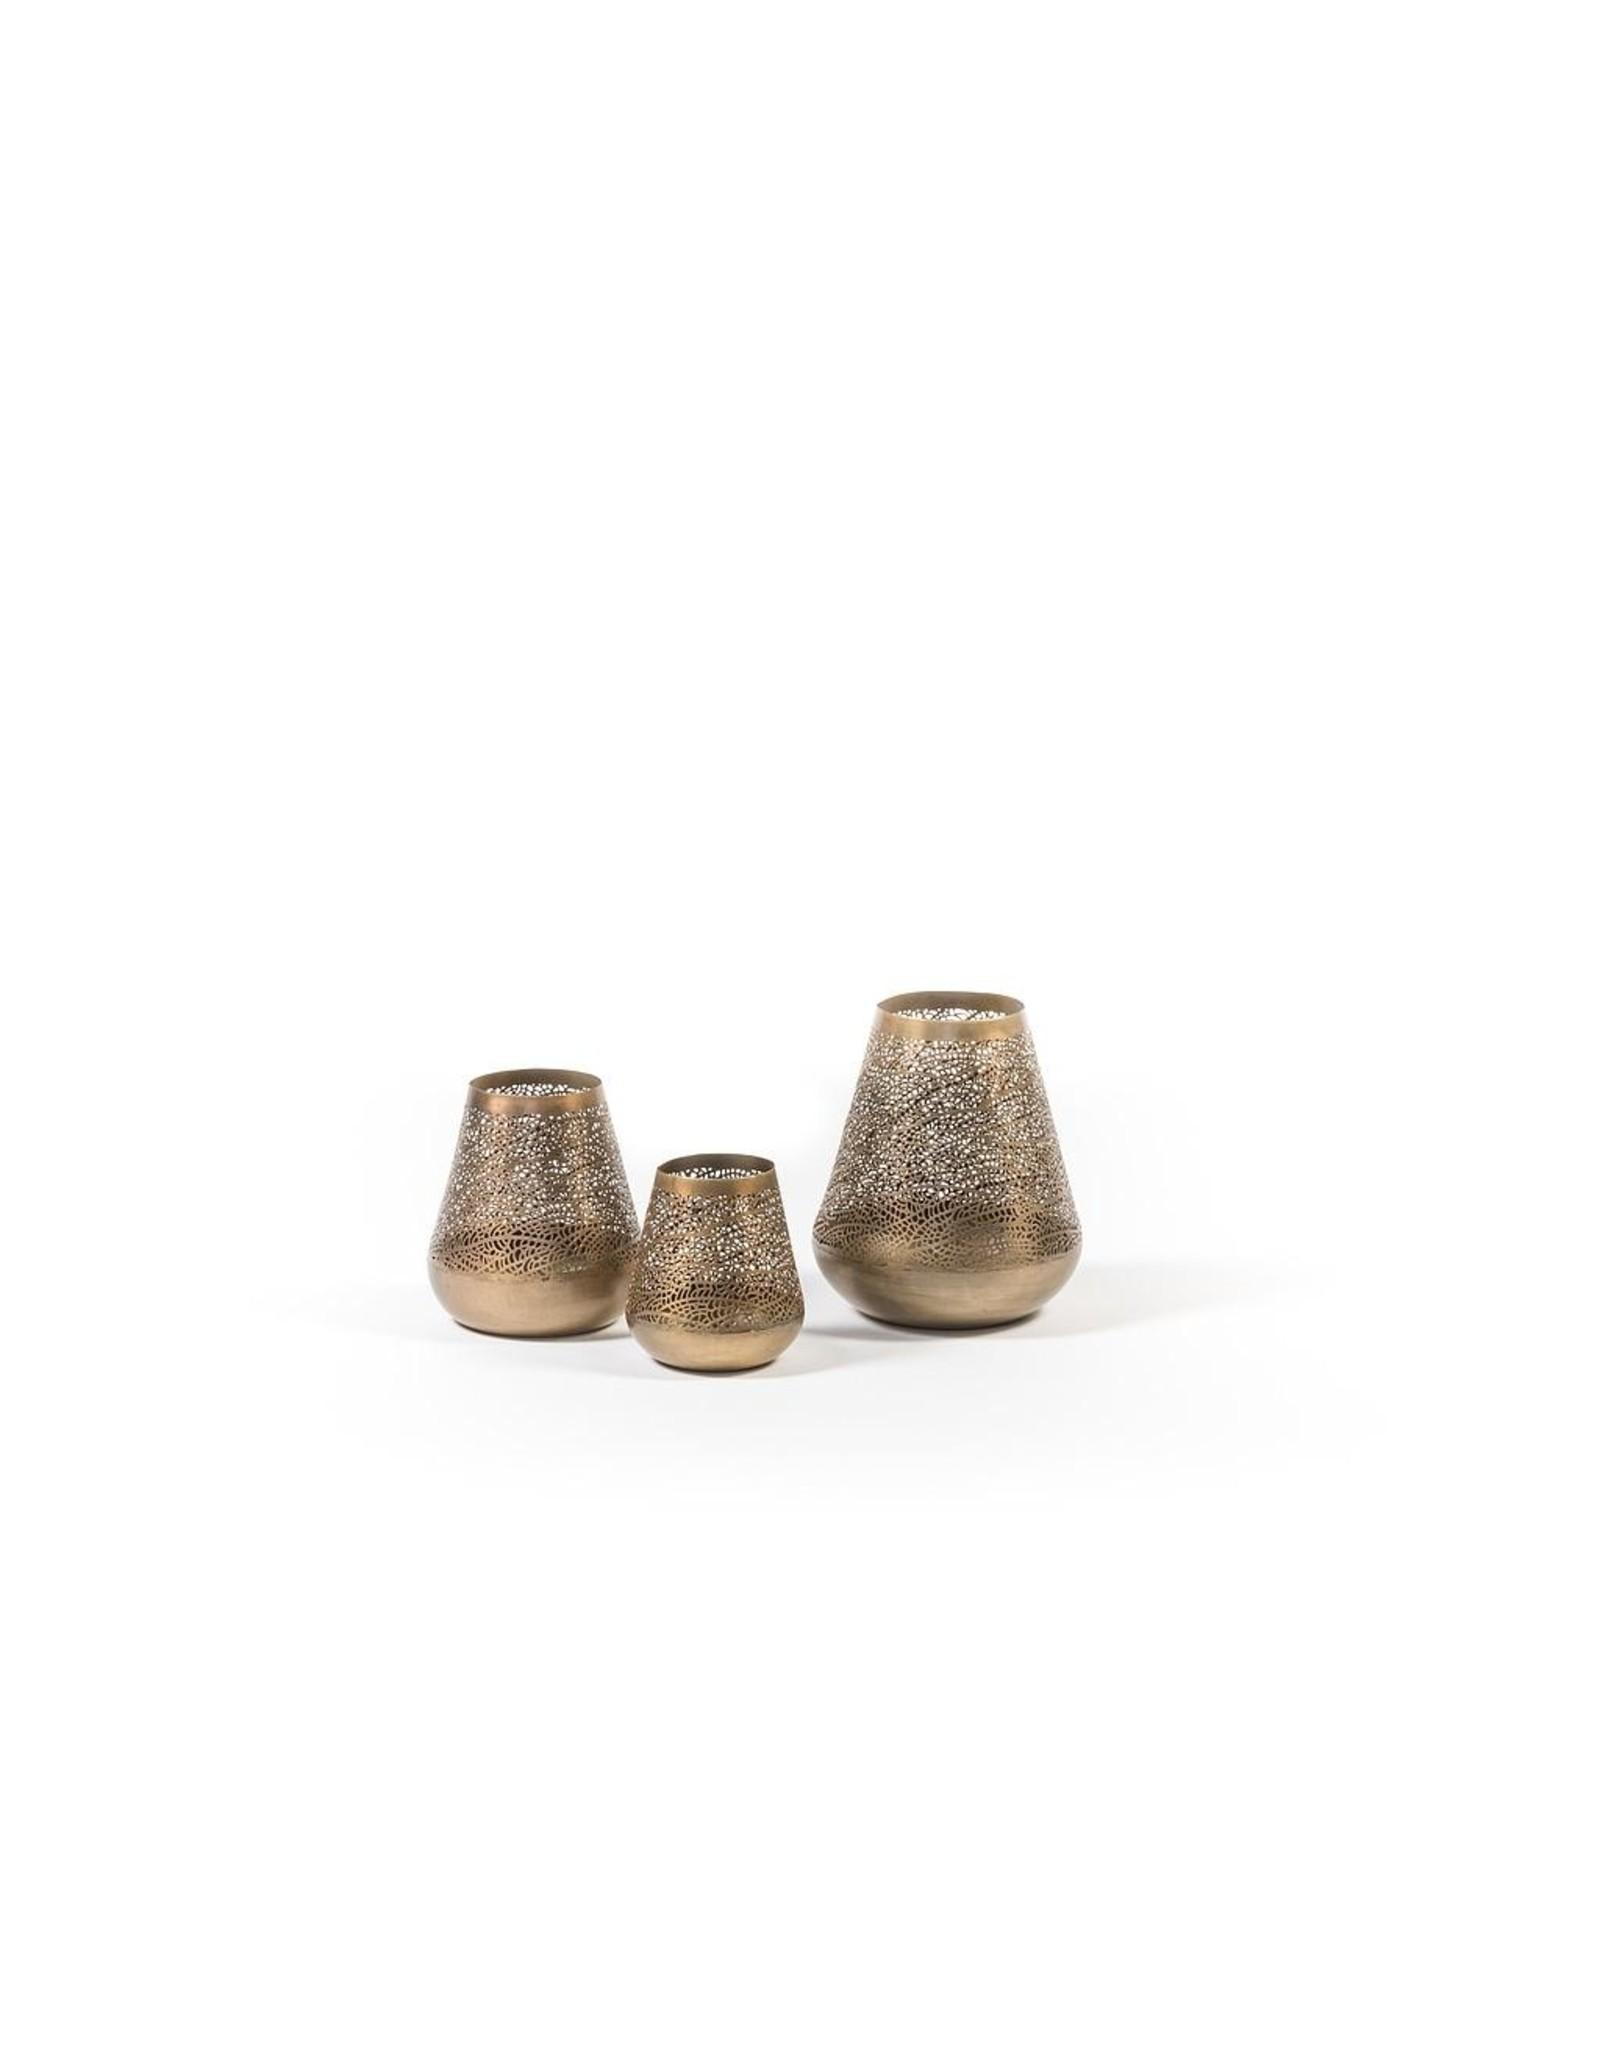 Dekocandle Antique Tlight Holder - Metal - Dark Brass - Large